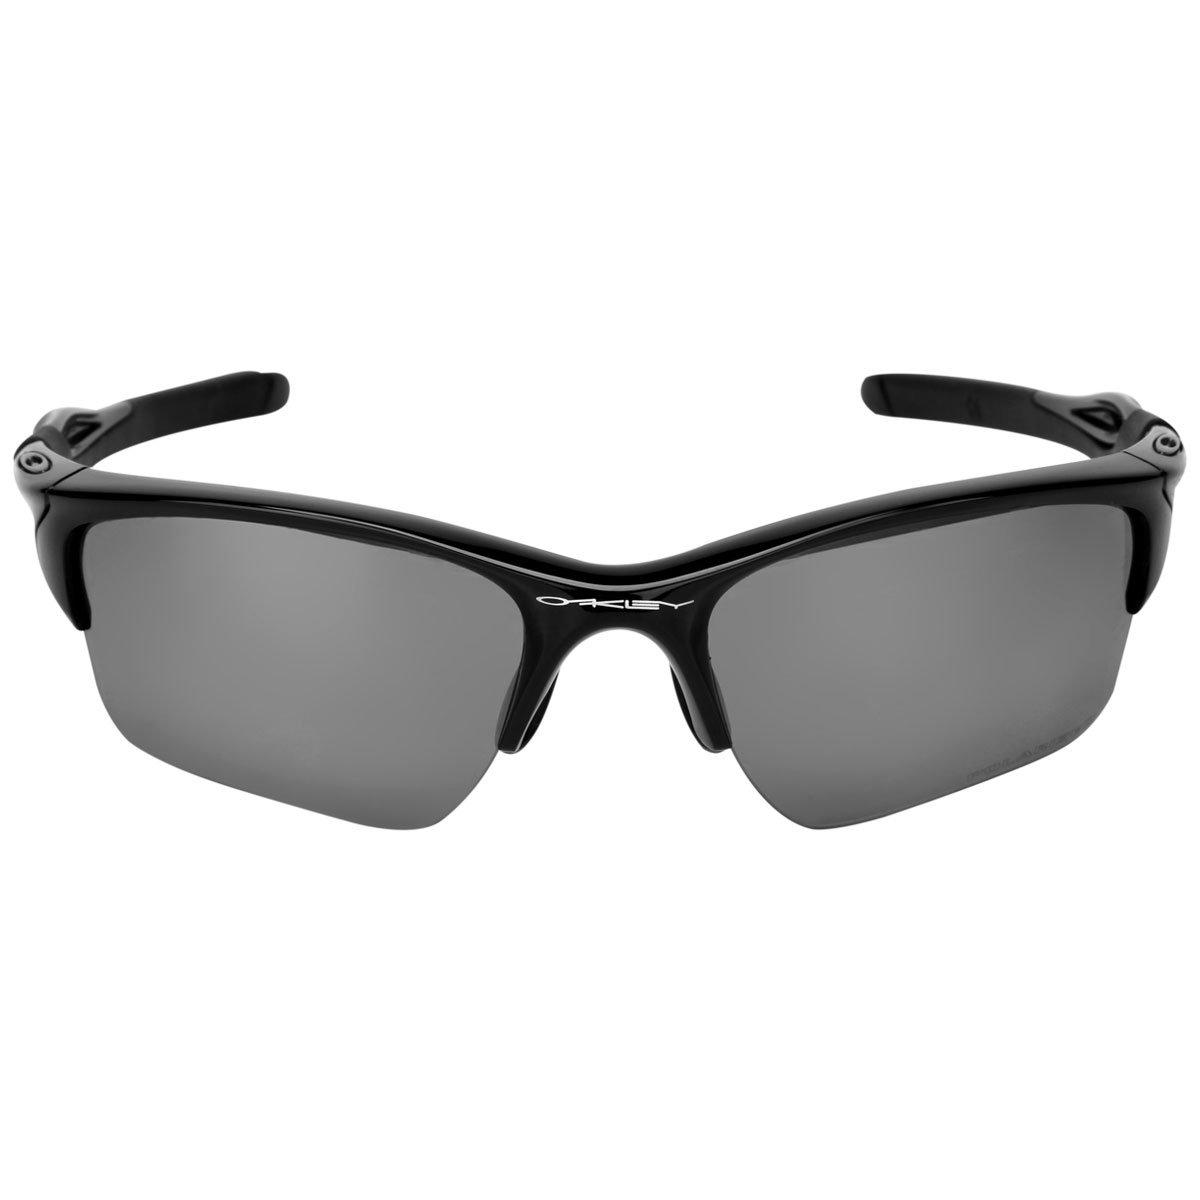 31c2f82d40f63 Óculos Oakley Half Jacket 2.0 XL - Polarizado - Compre Agora   Netshoes